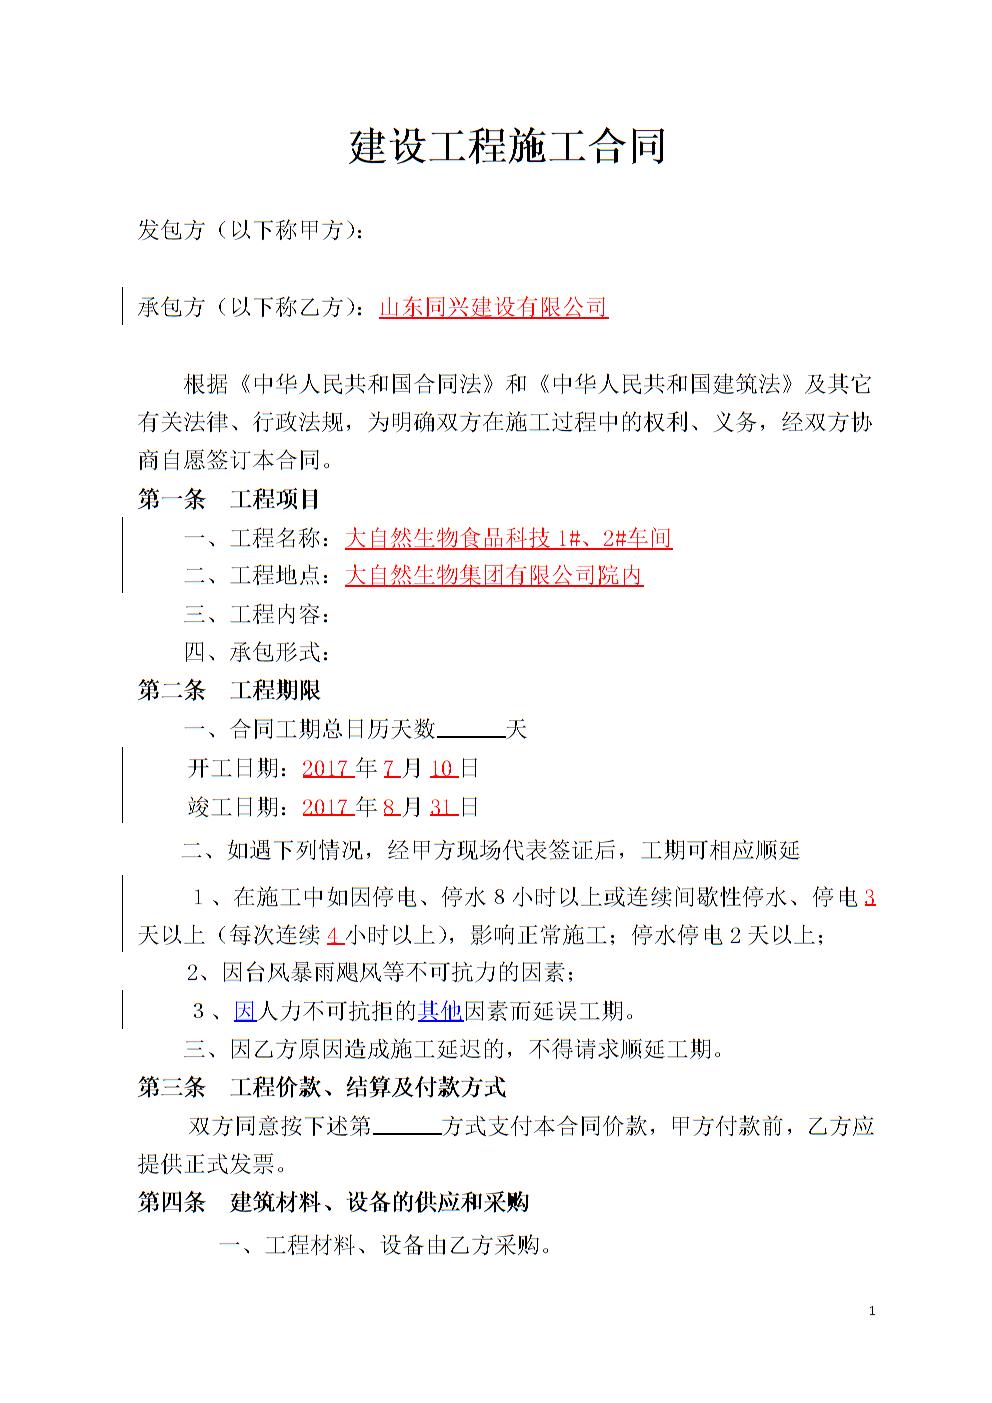 合同_简易工程施工合同范本2017年版.doc